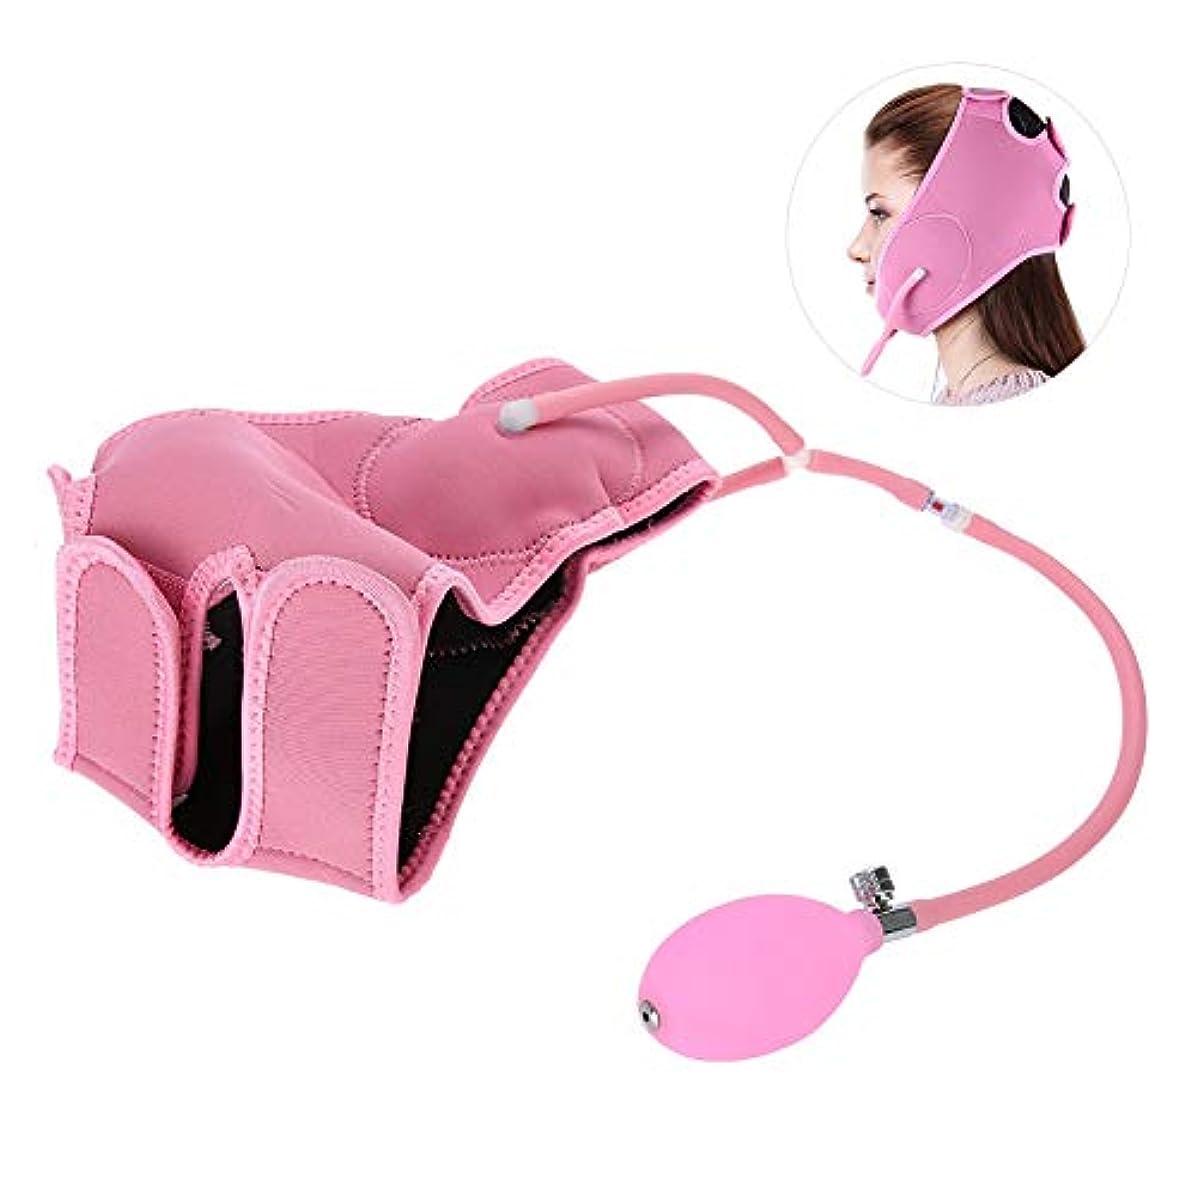 美顔術の器械、創造的なエアバッグの設計は持ち上がる包帯をきつく締めます二重あごの美顔術のための顔の心配用具を滑らかにします